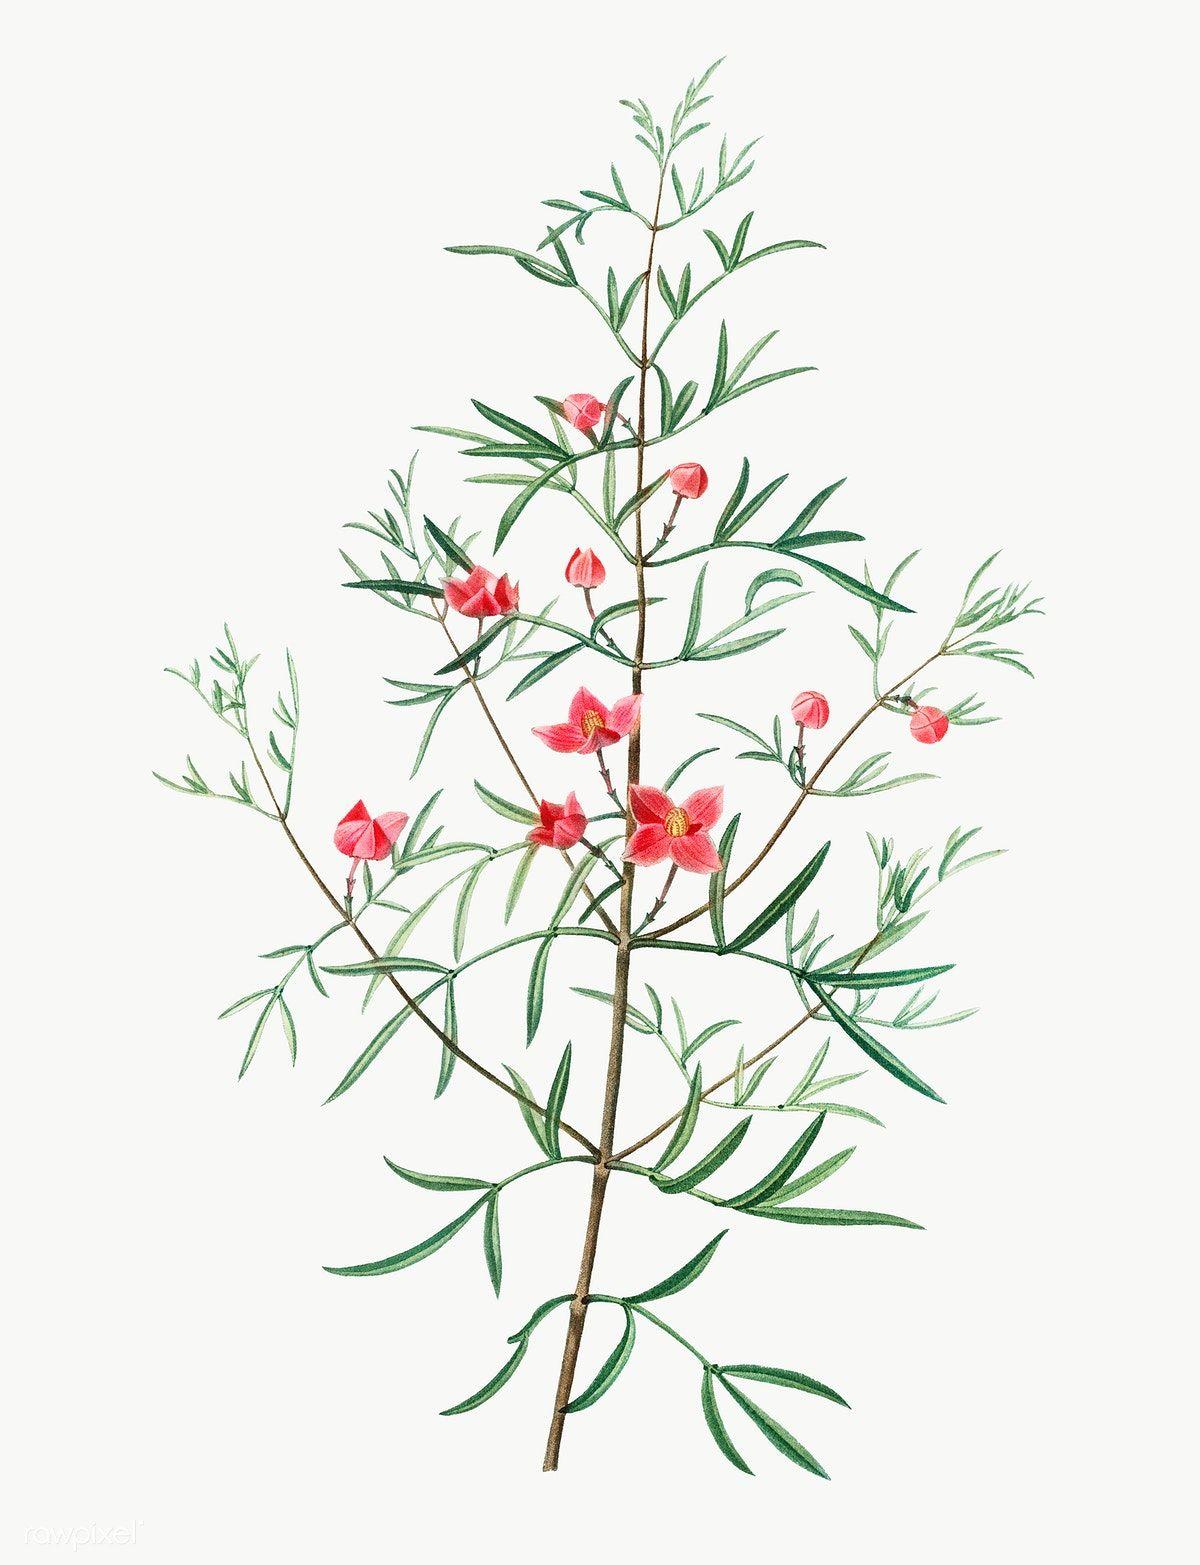 Pin On Vintage Illustration Flowers